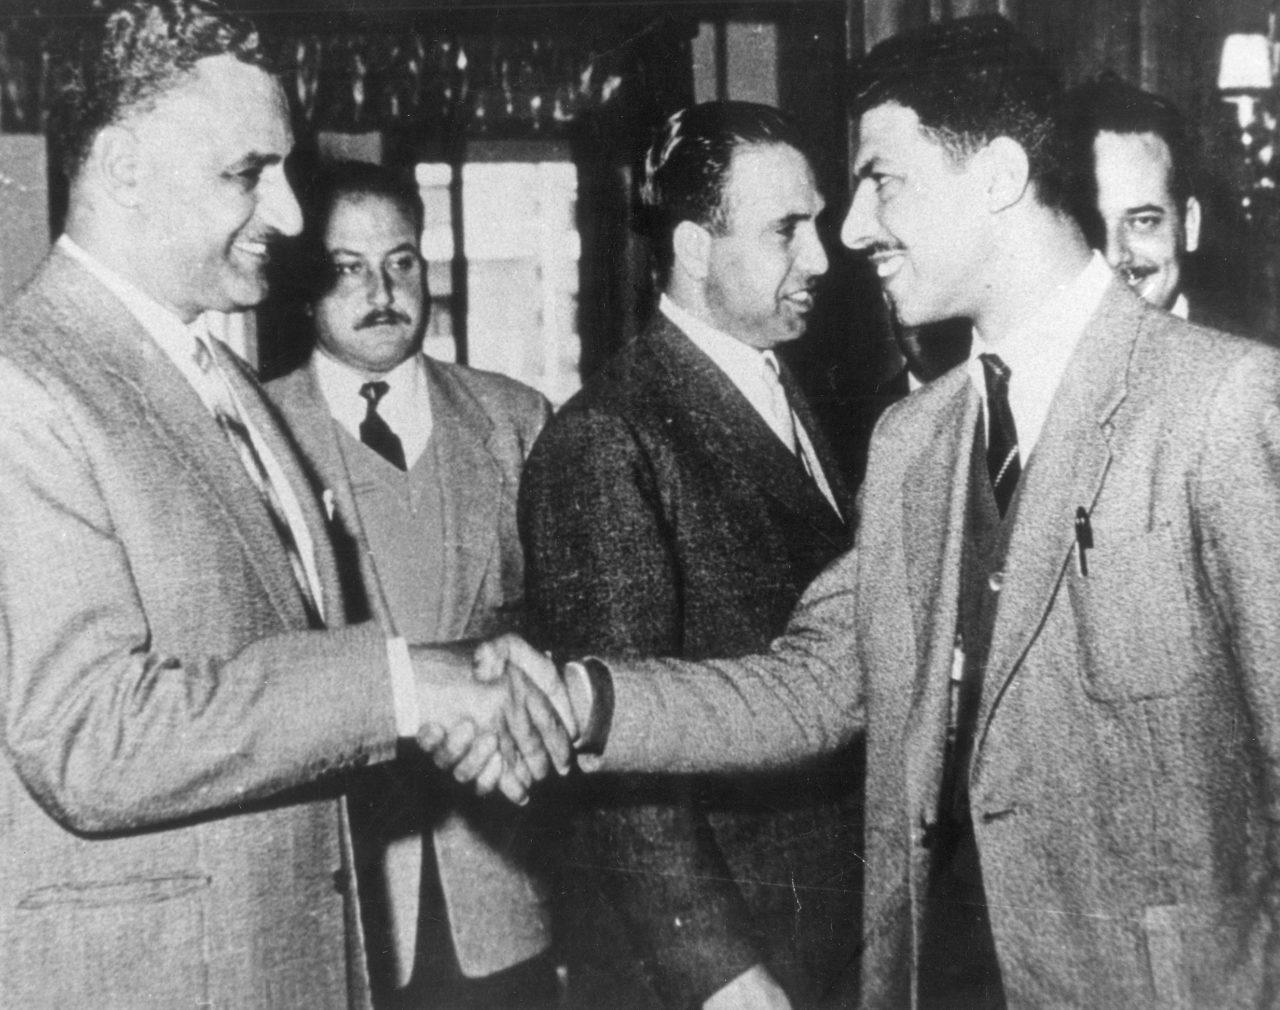 -سلمان-مع-الرئيس-المصري-جمال-عبد-الناصر-1280x1010.jpg